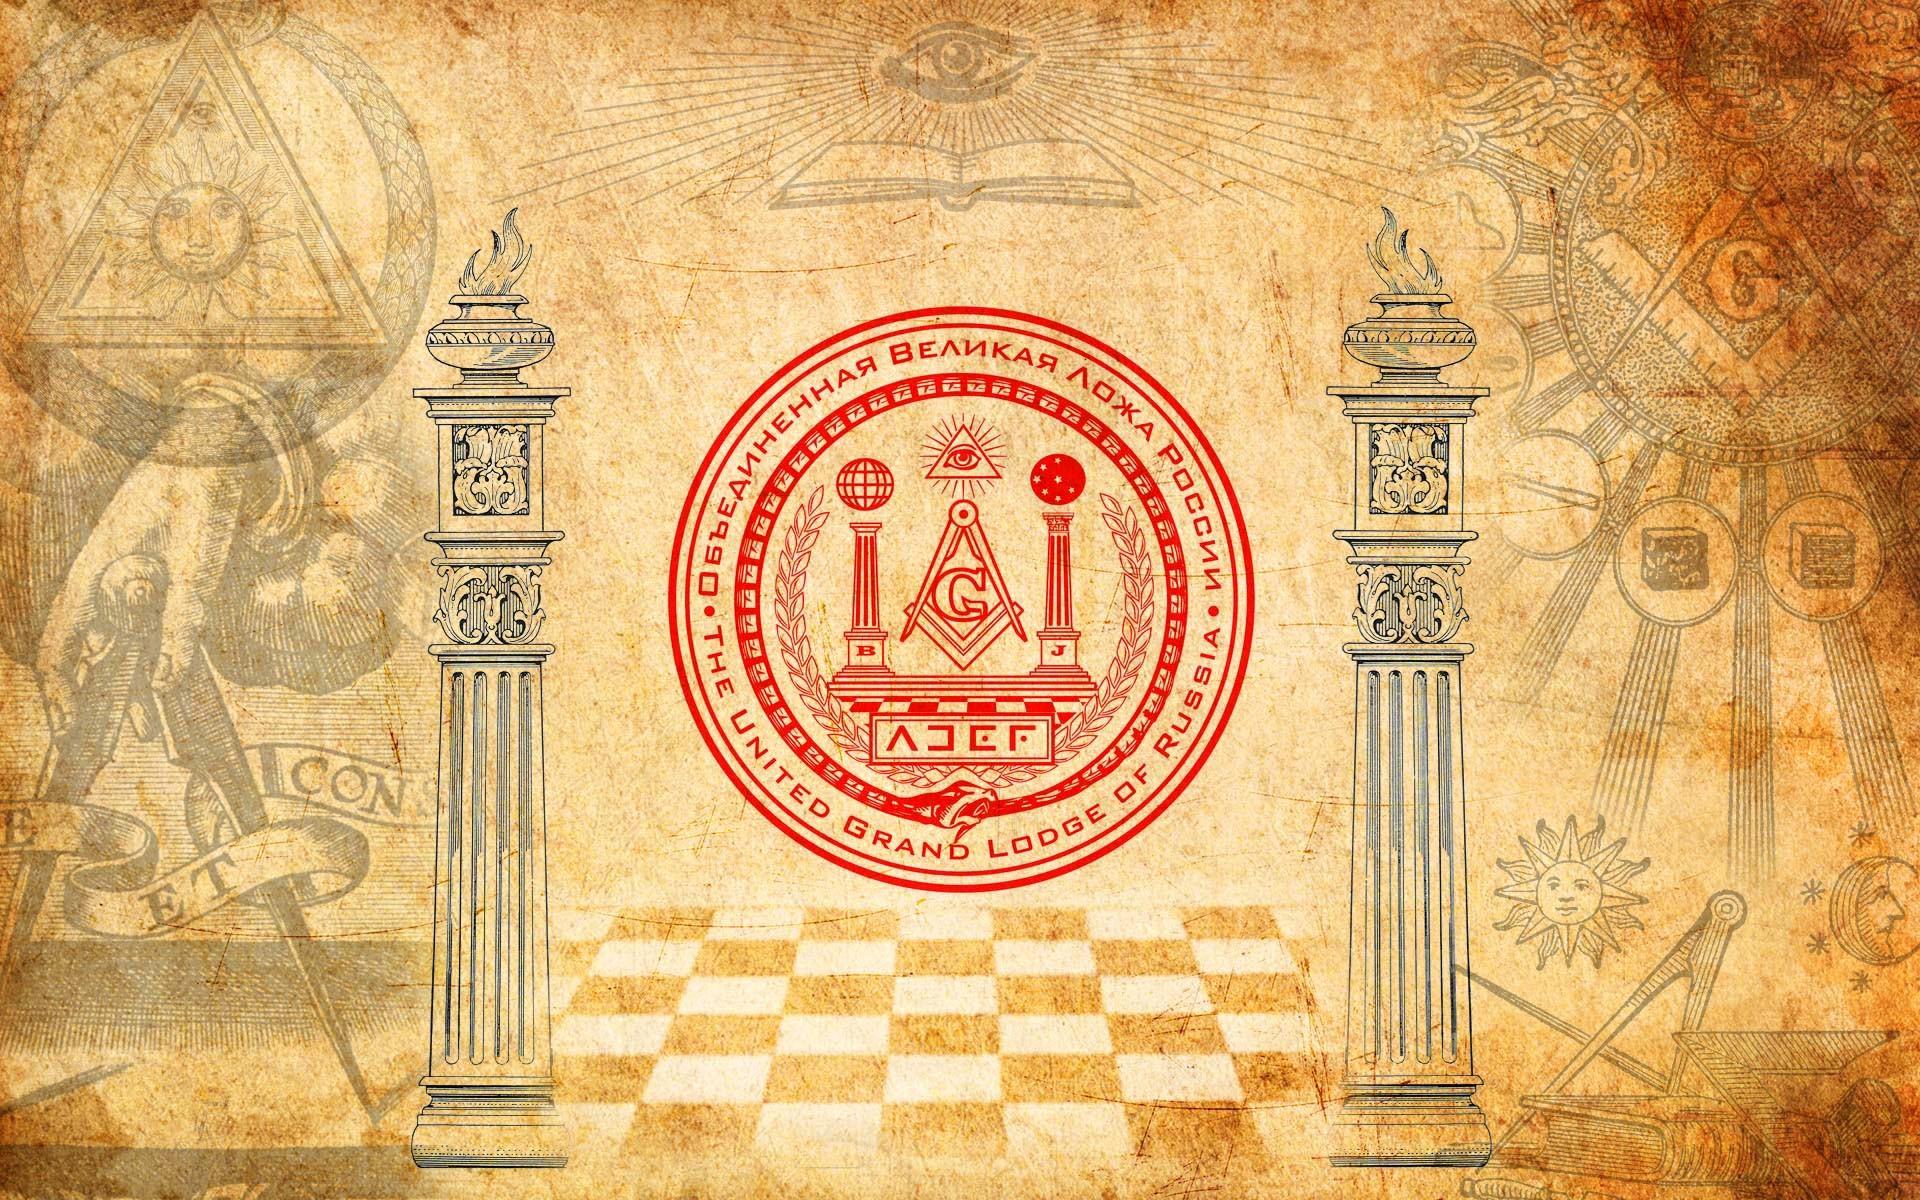 Masonic Wallpapers Muzic World PelautsCom 1920x1200